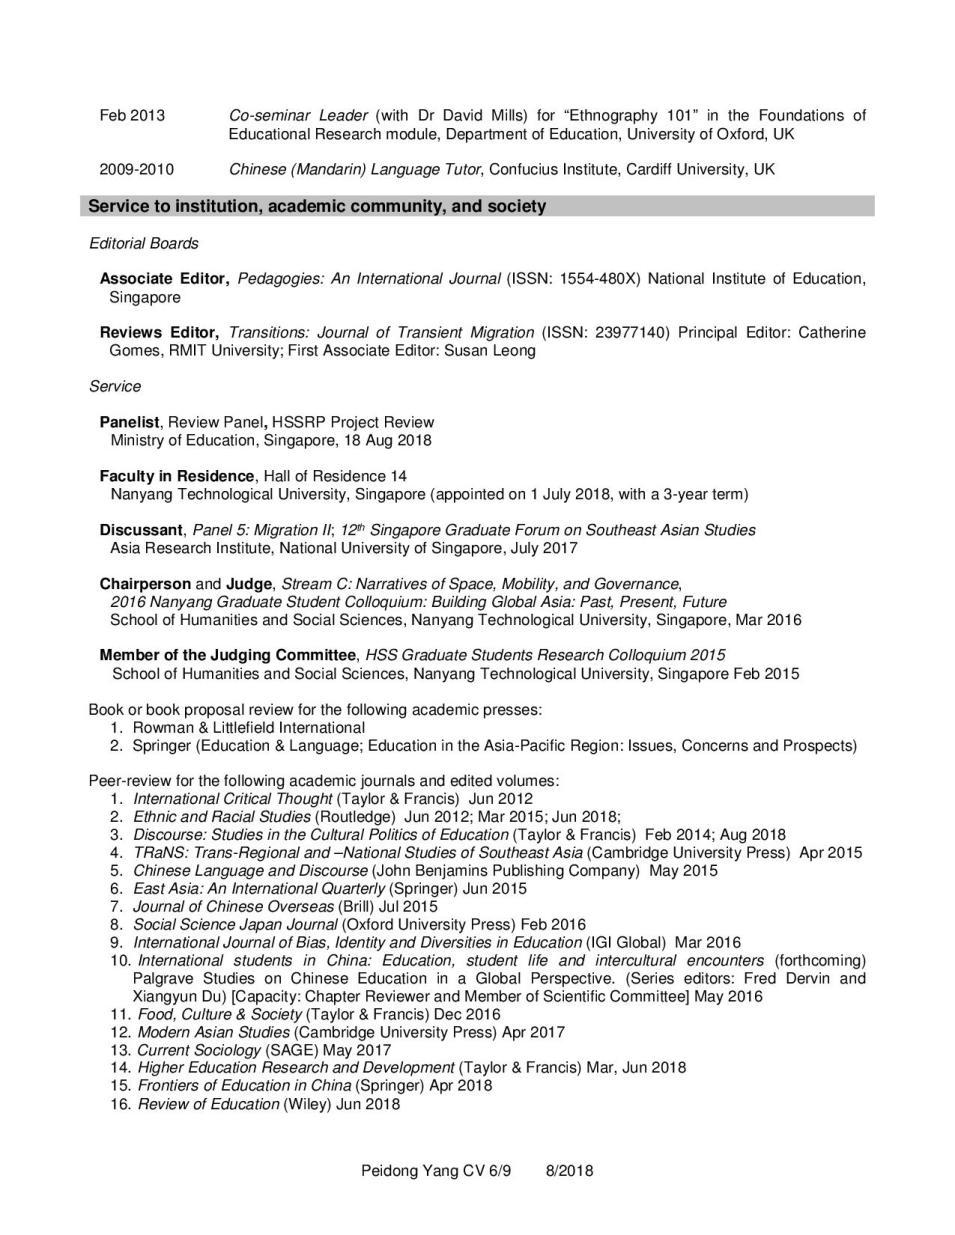 CV YANG Peidong_8.2018-page-006